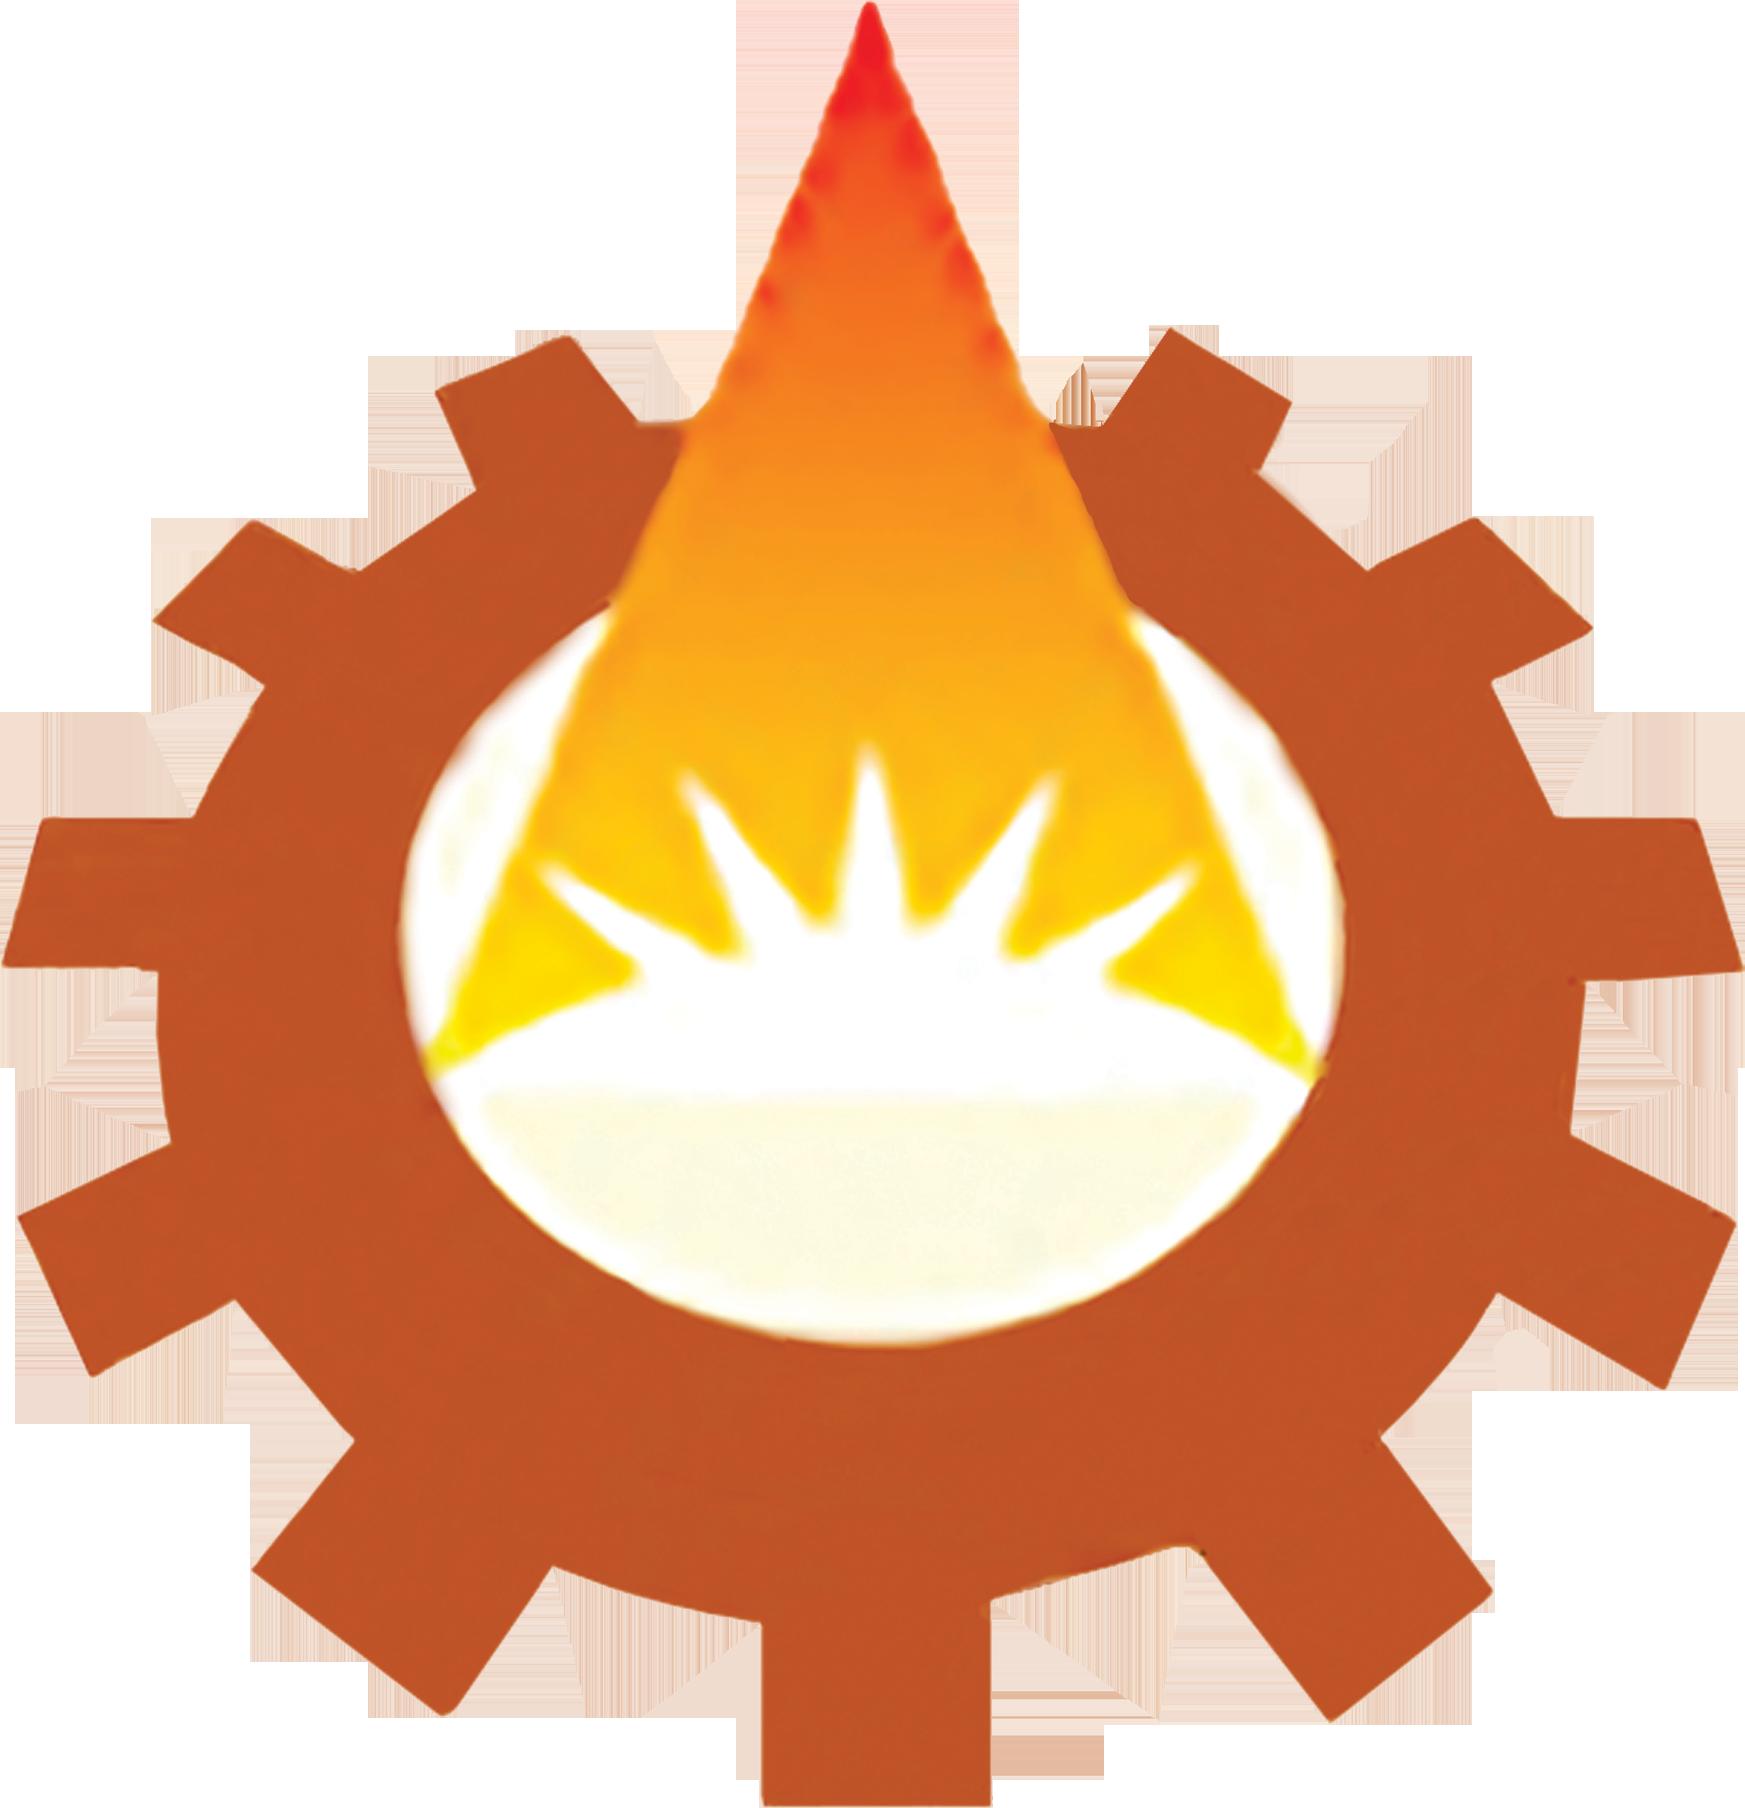 Energy clipart radiant energy. About us radigel logoradigel